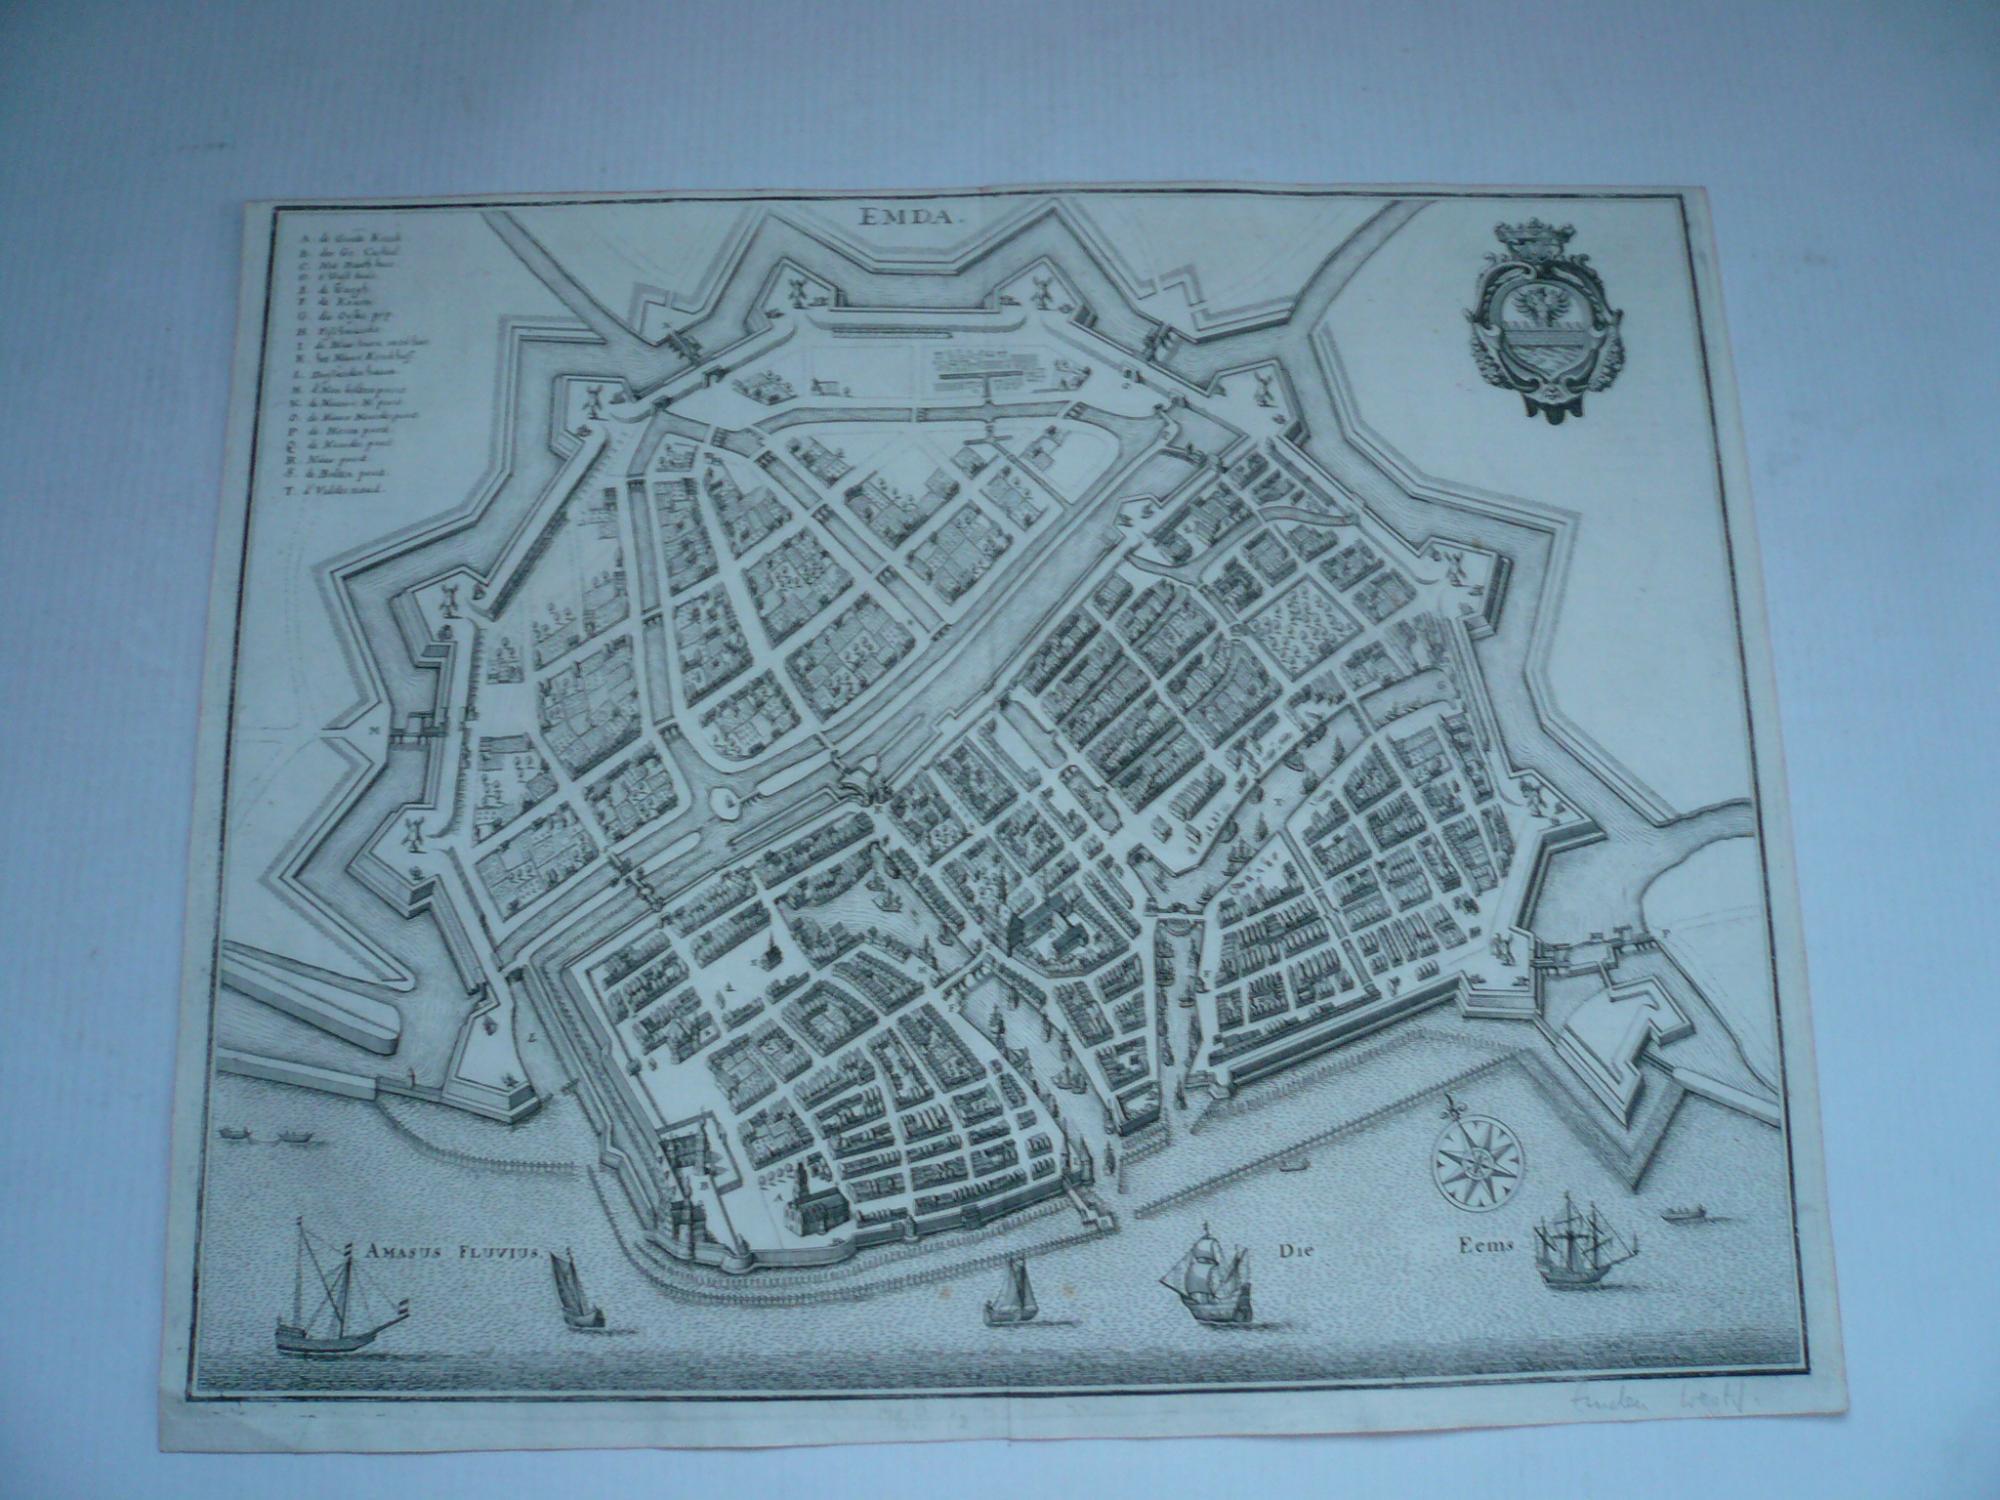 Emden, anno 1647, Merian Matthäus, Topographia Westphaliae,: Merian Matthäus, 1593-1650